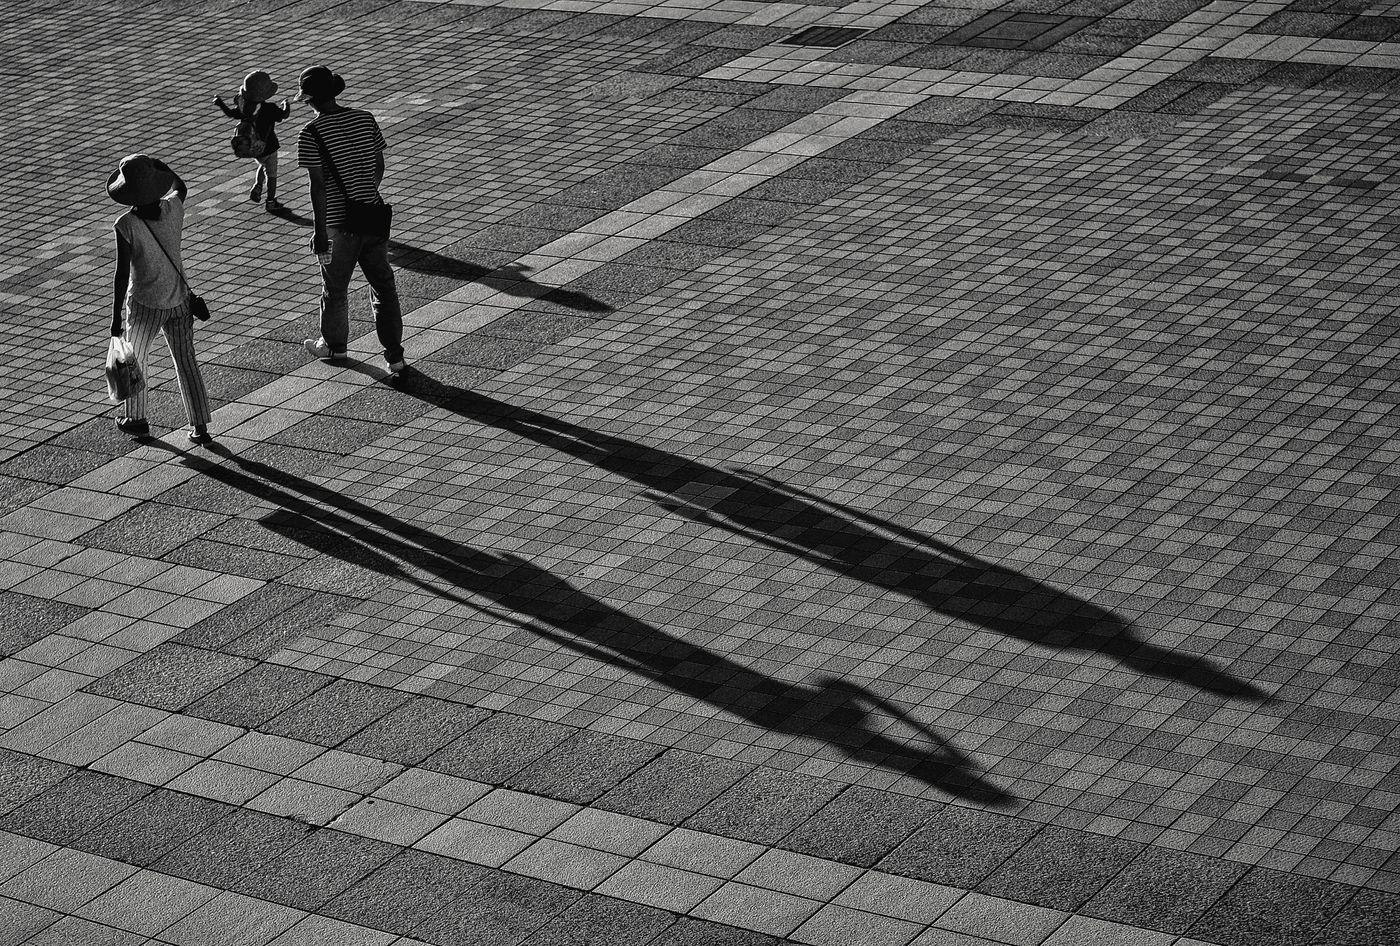 お出かけ中の家族連れと伸びる影の写真